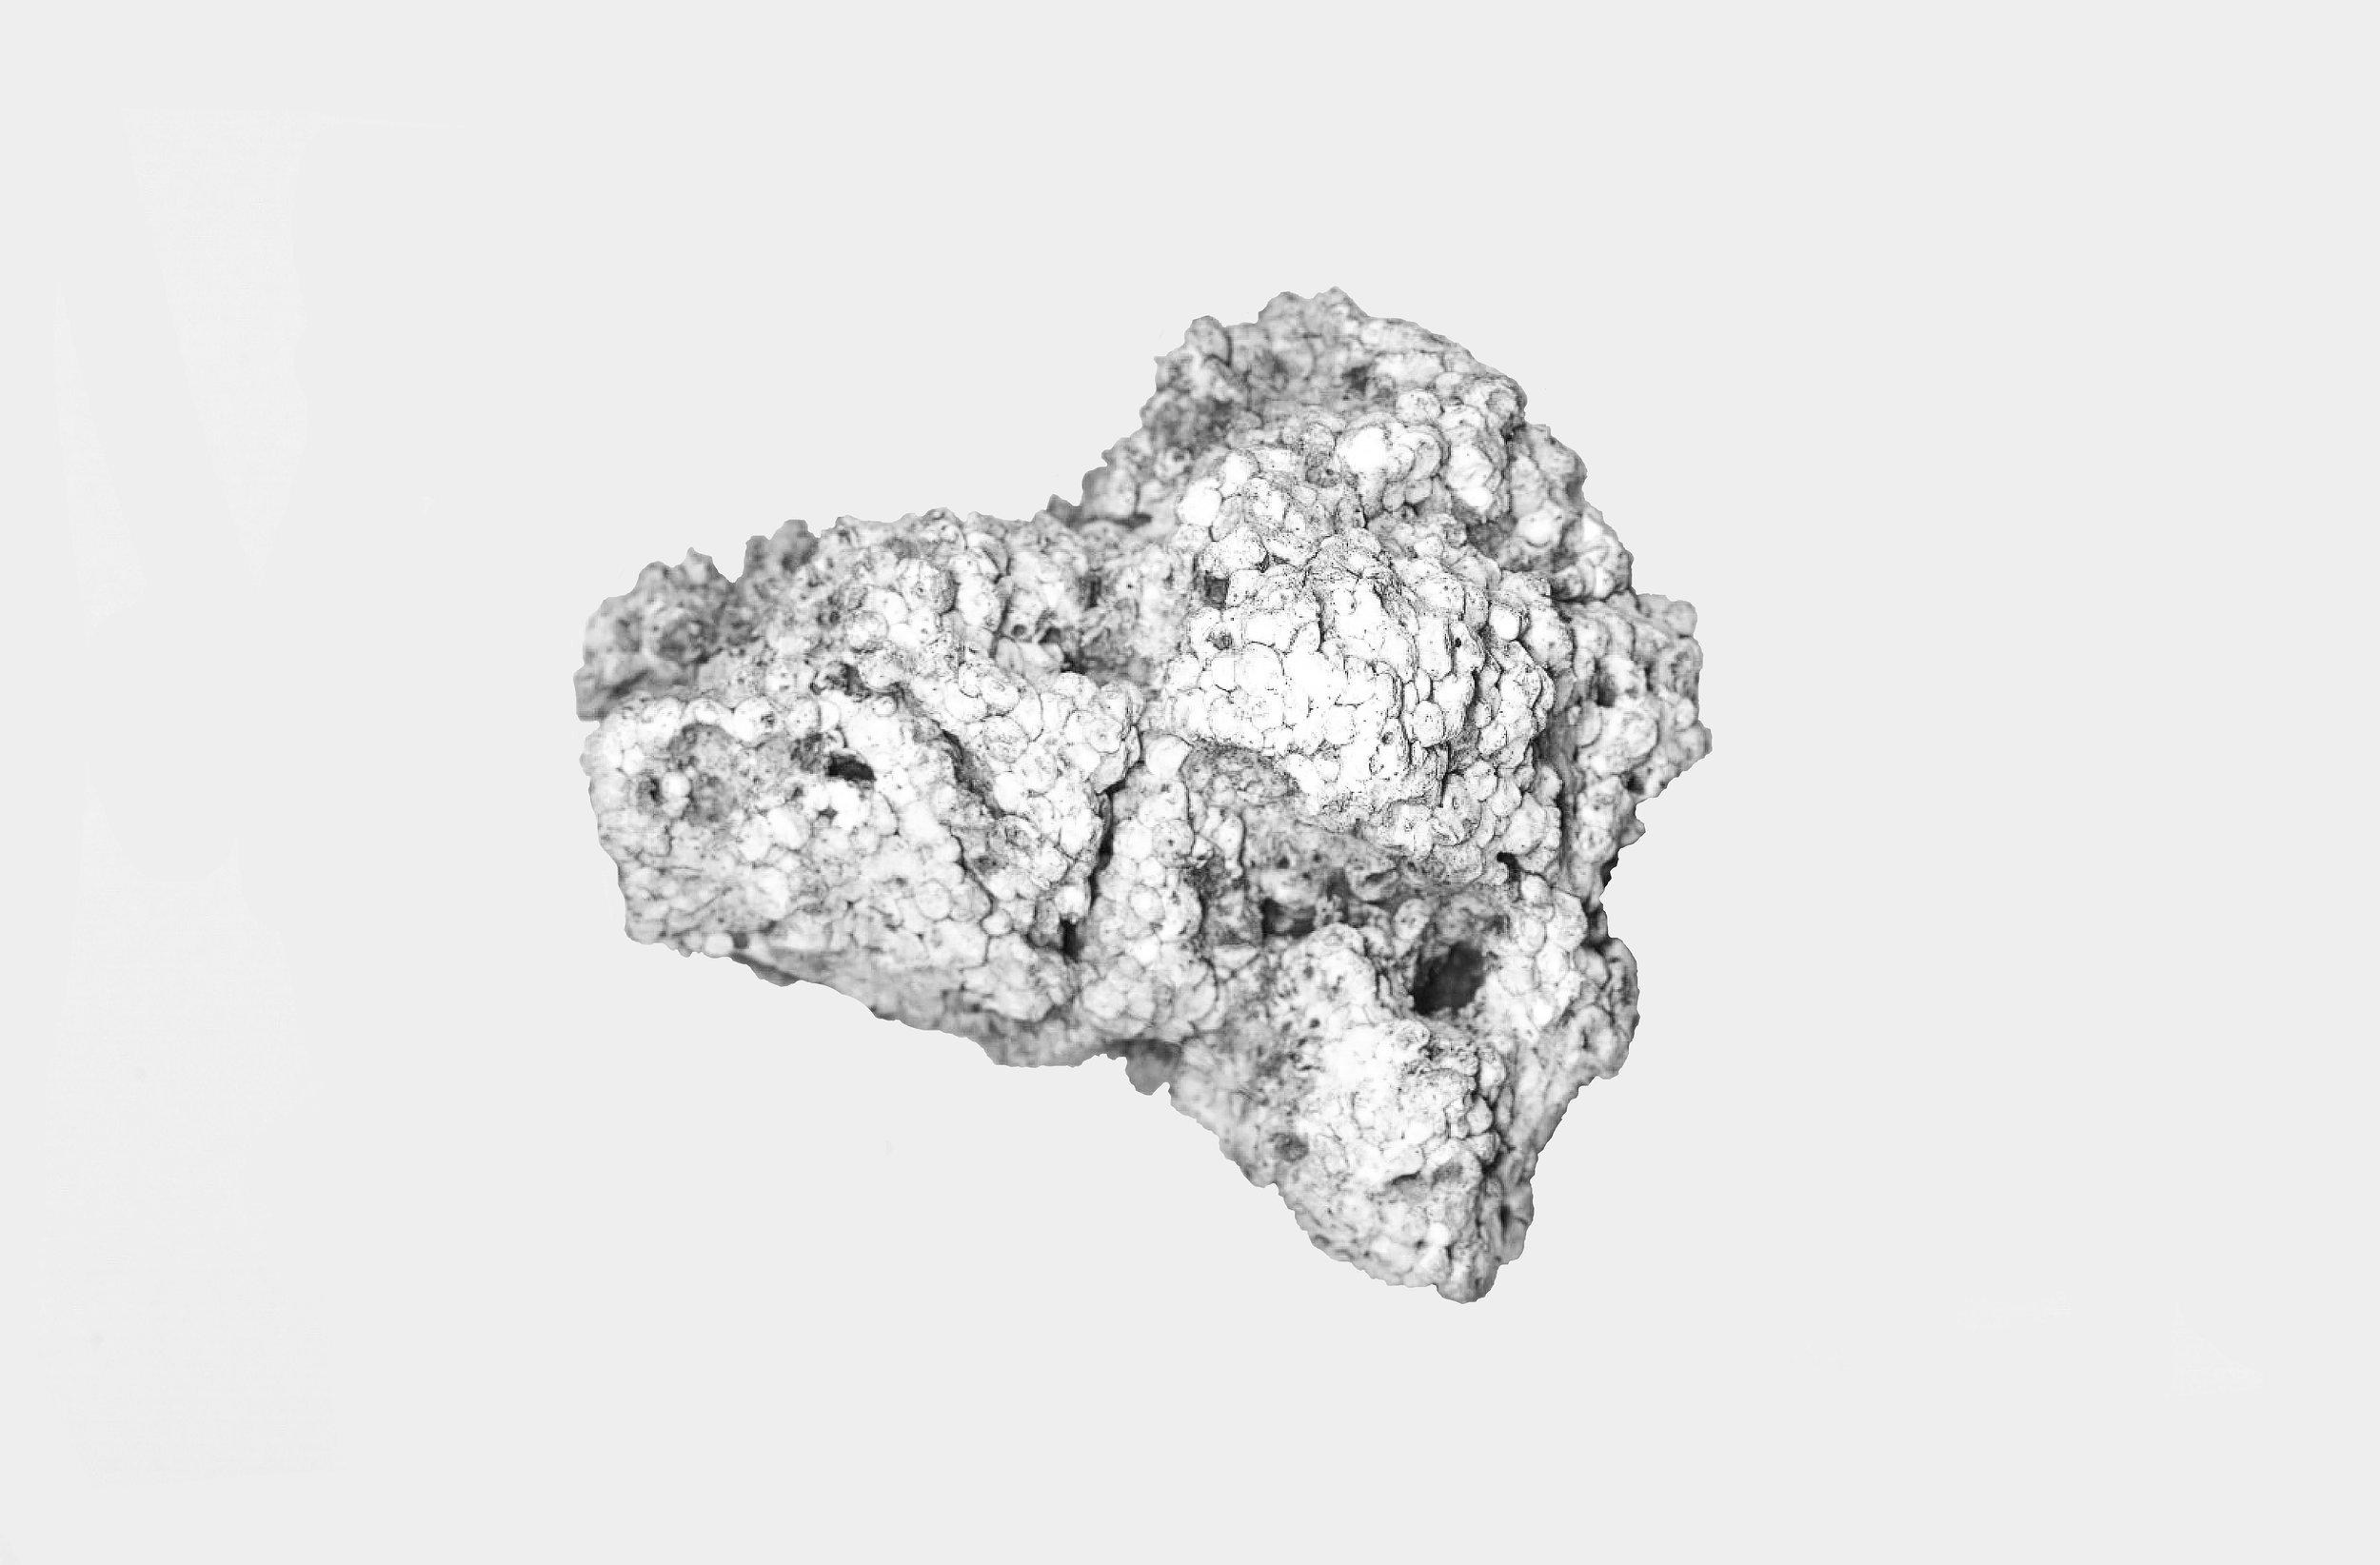 Patrick DeGuira - Seven Mile Creek - 1, 2016, Digital scan printed on Sintra, 24x30in